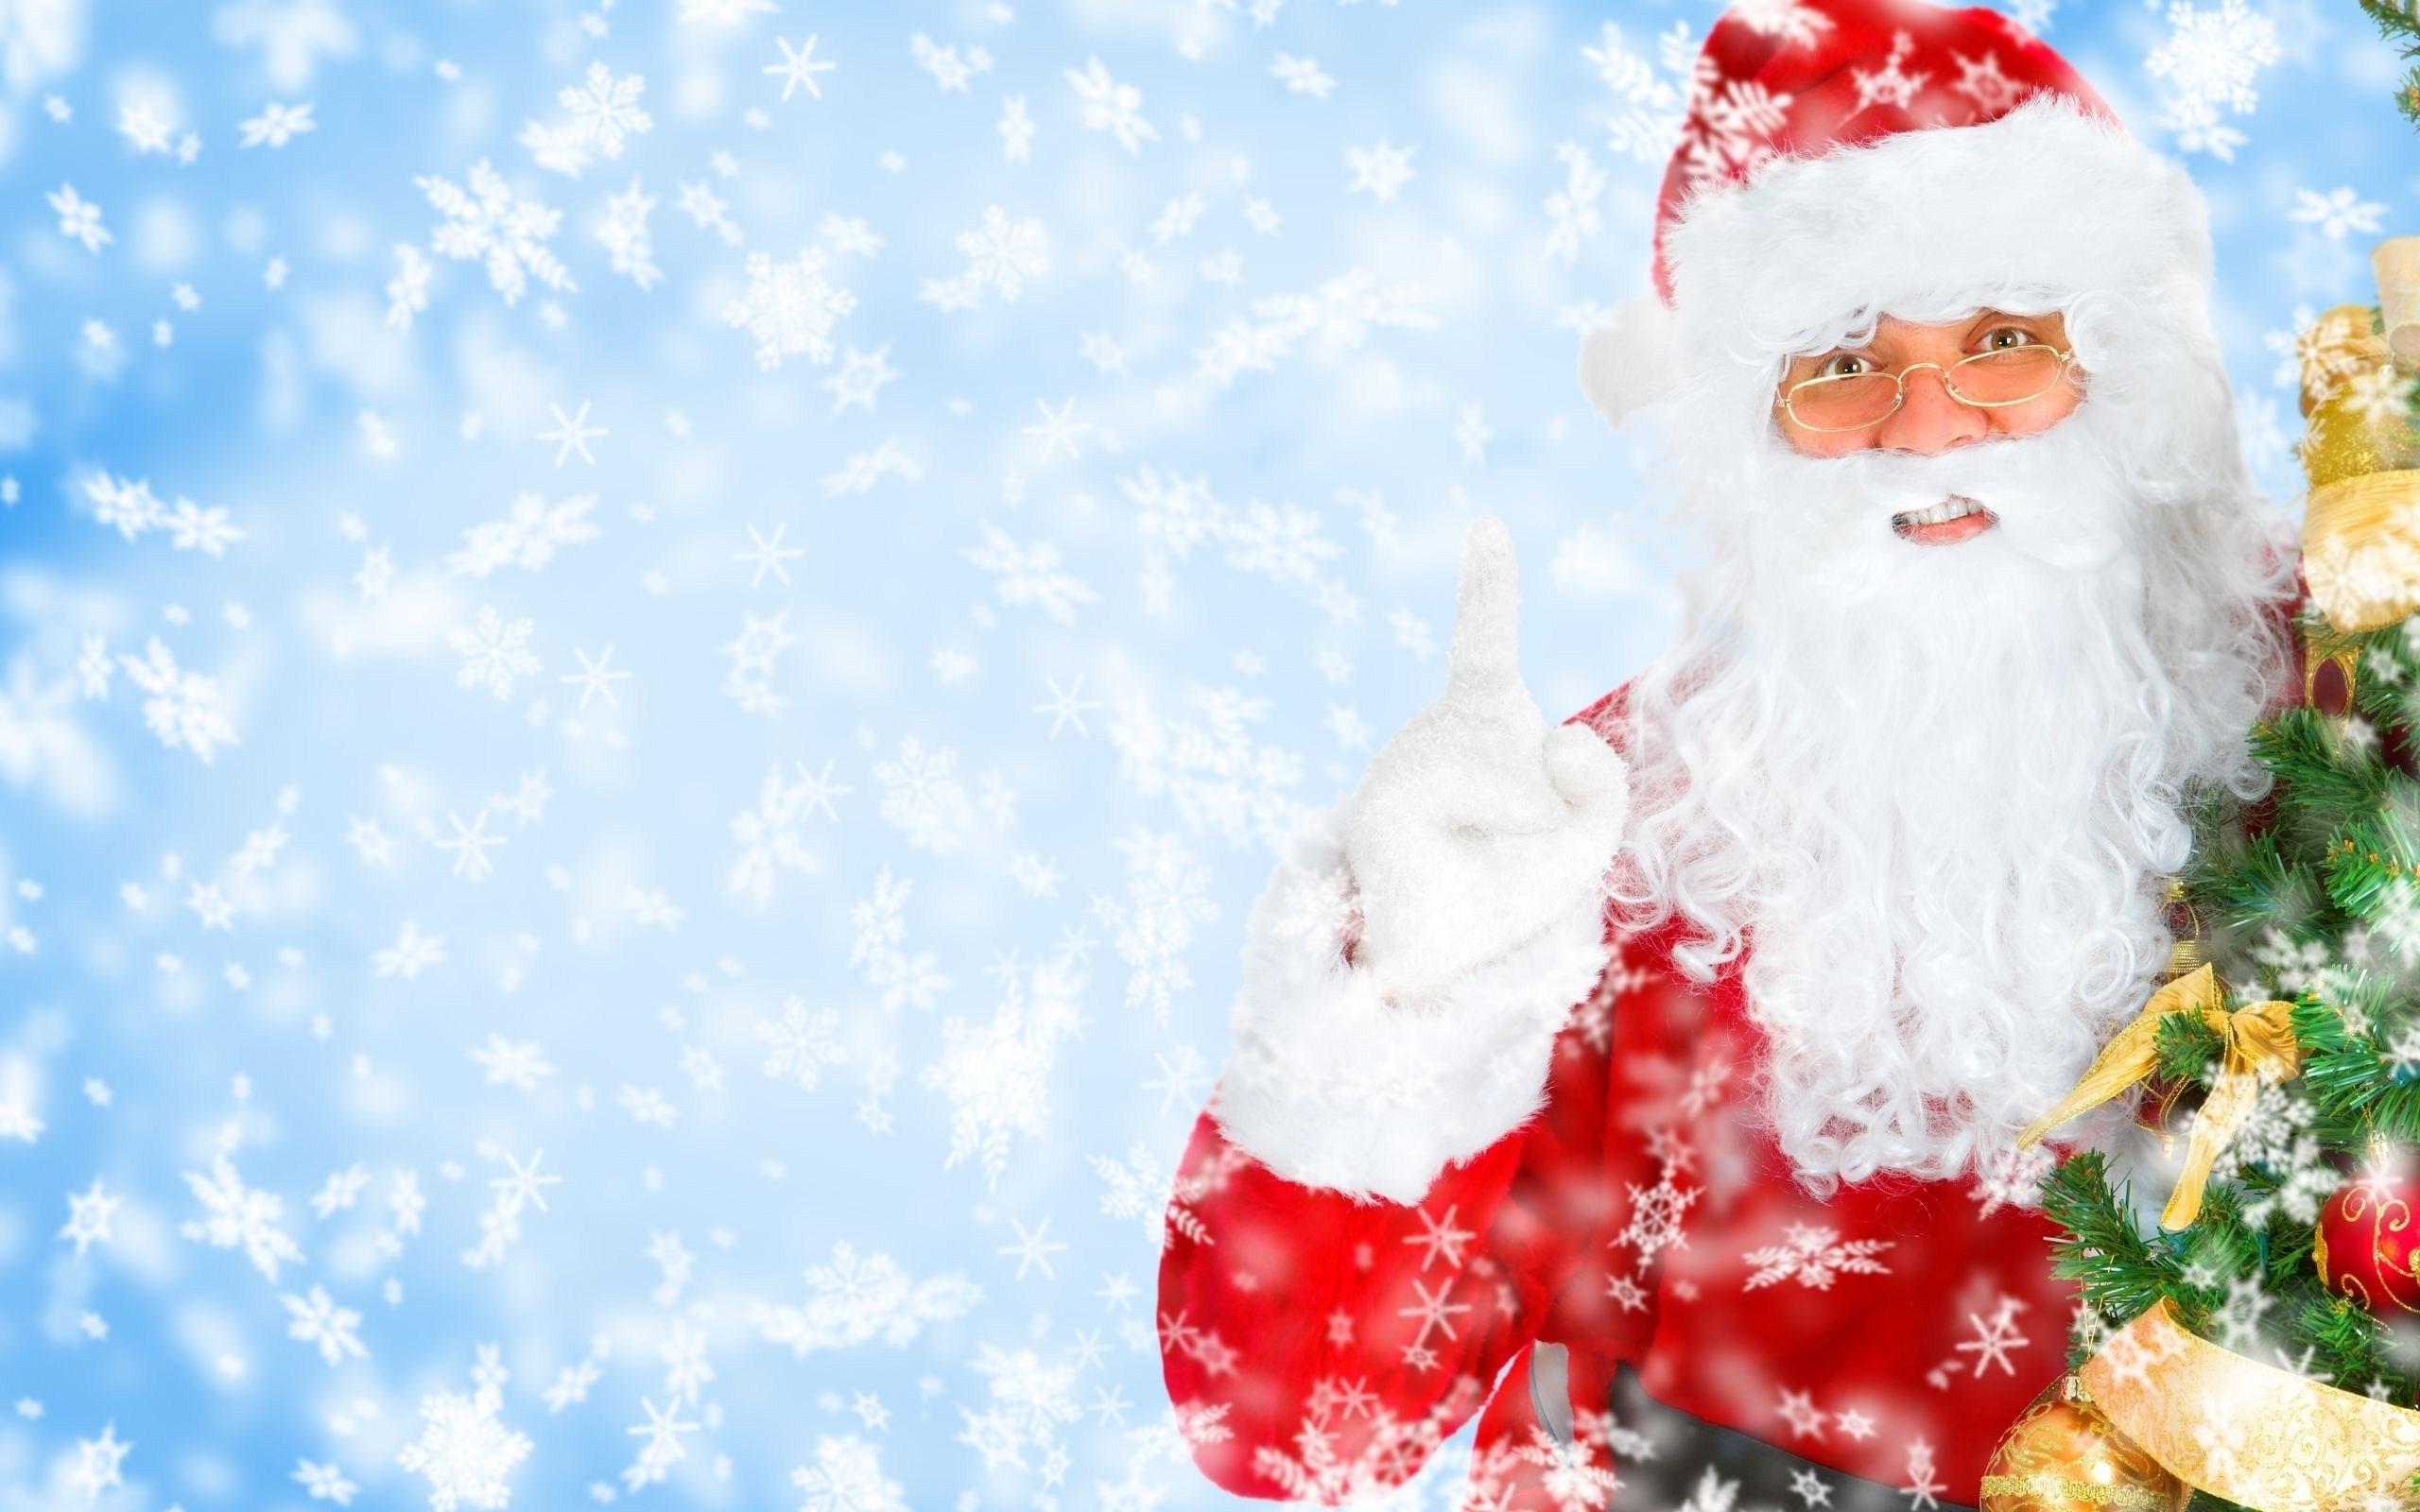 Christmas Santa Claus HD Images Christmas Santa Claus Photo